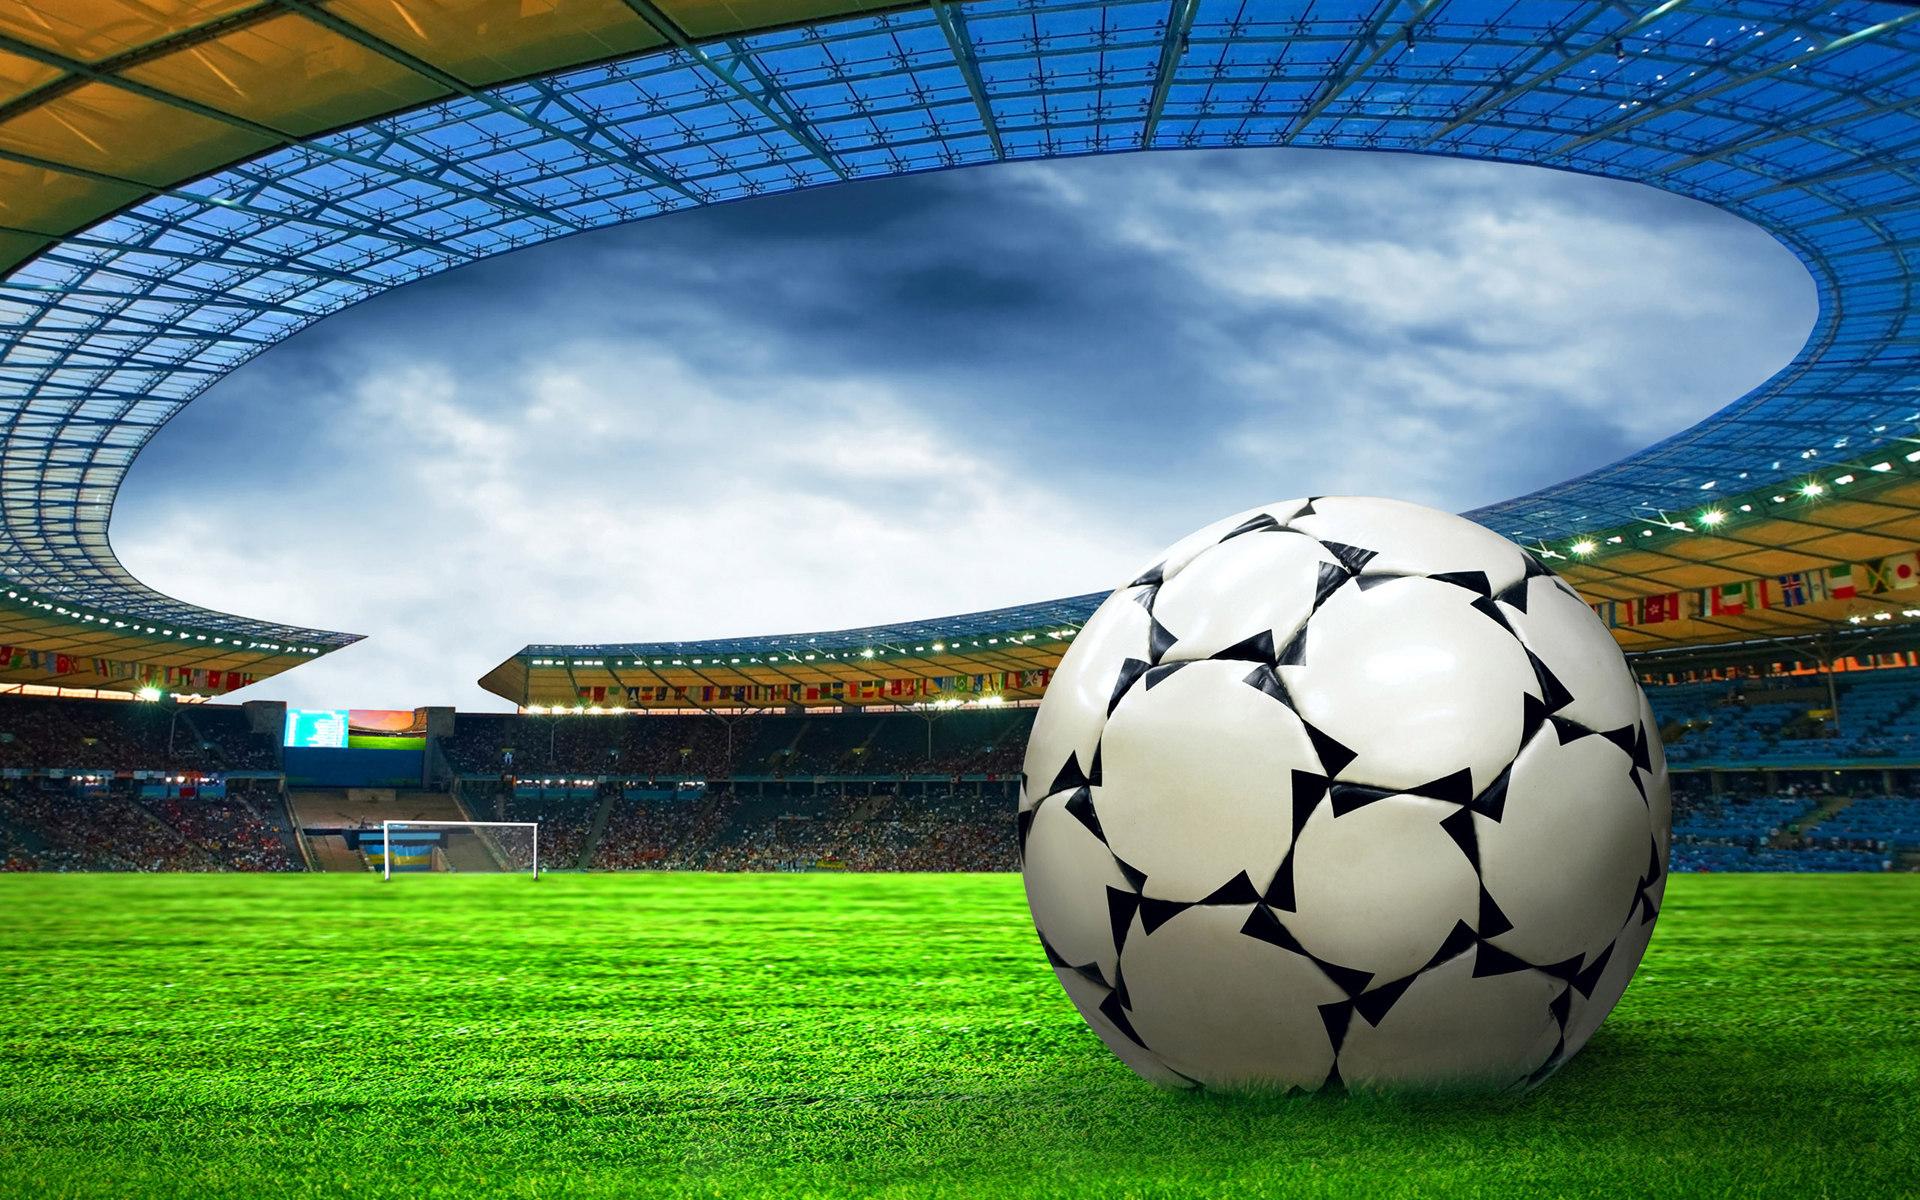 мяч, футбольный, футбол, фото, обои для рабочего стола